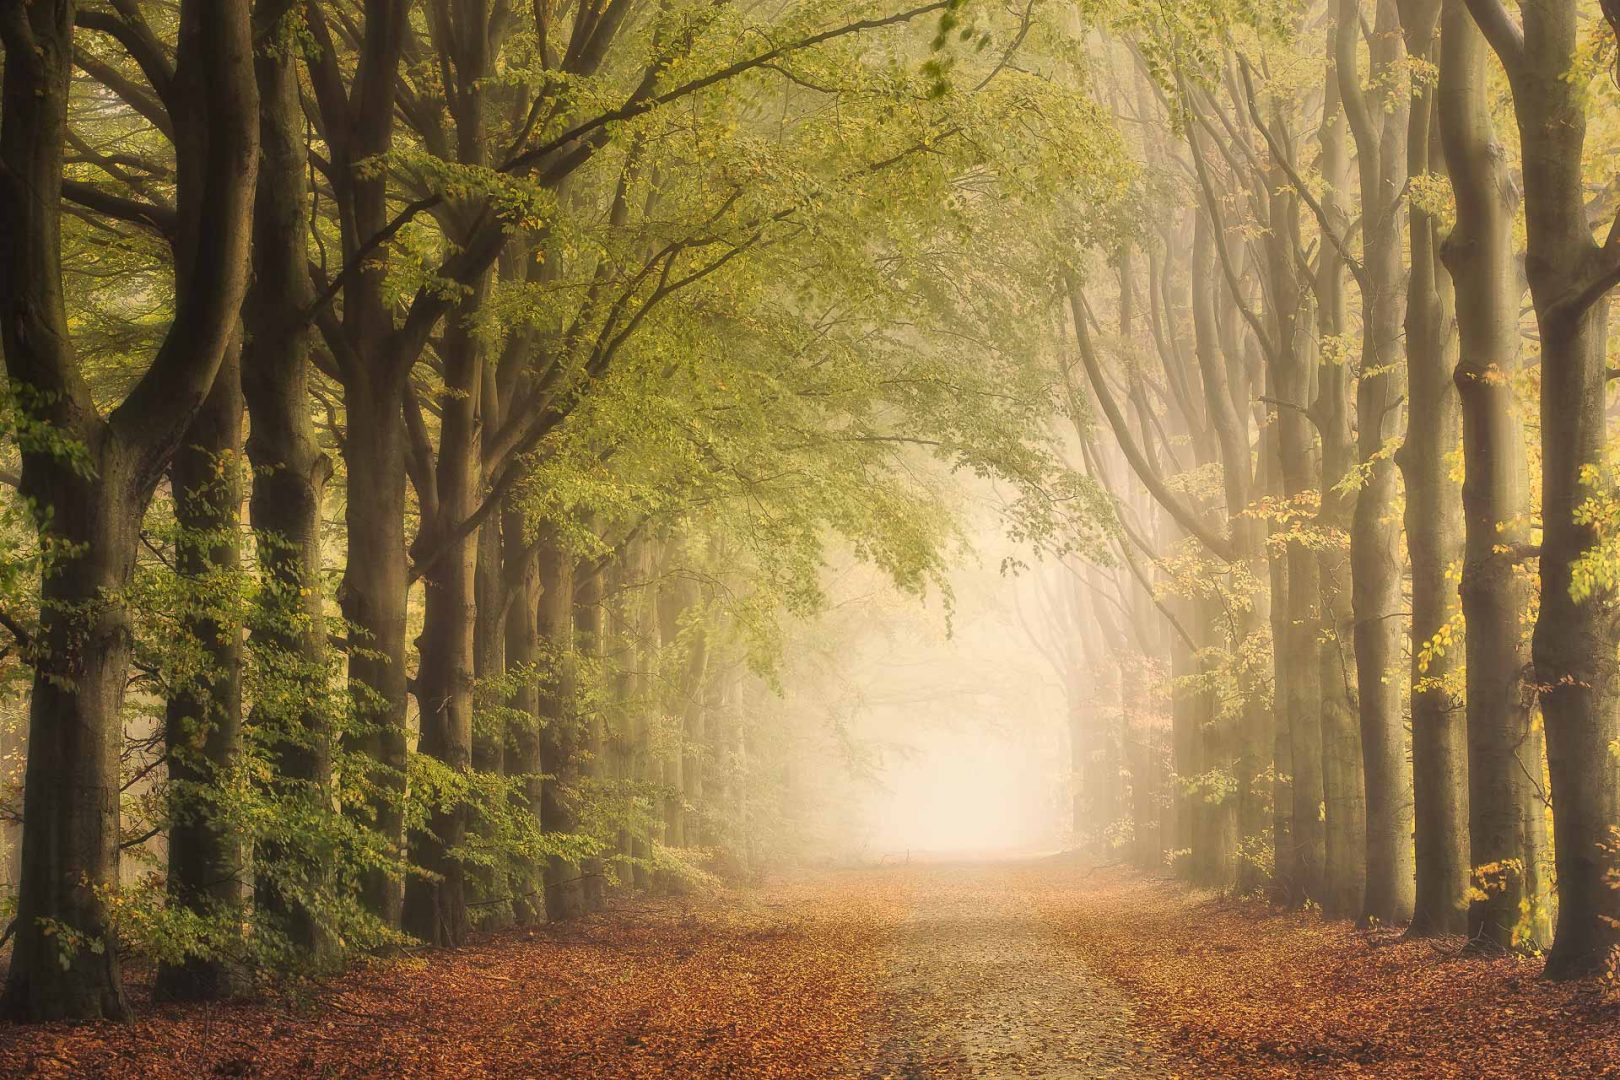 Herfst in Drenthe met een mooie beukenlaan in de mist